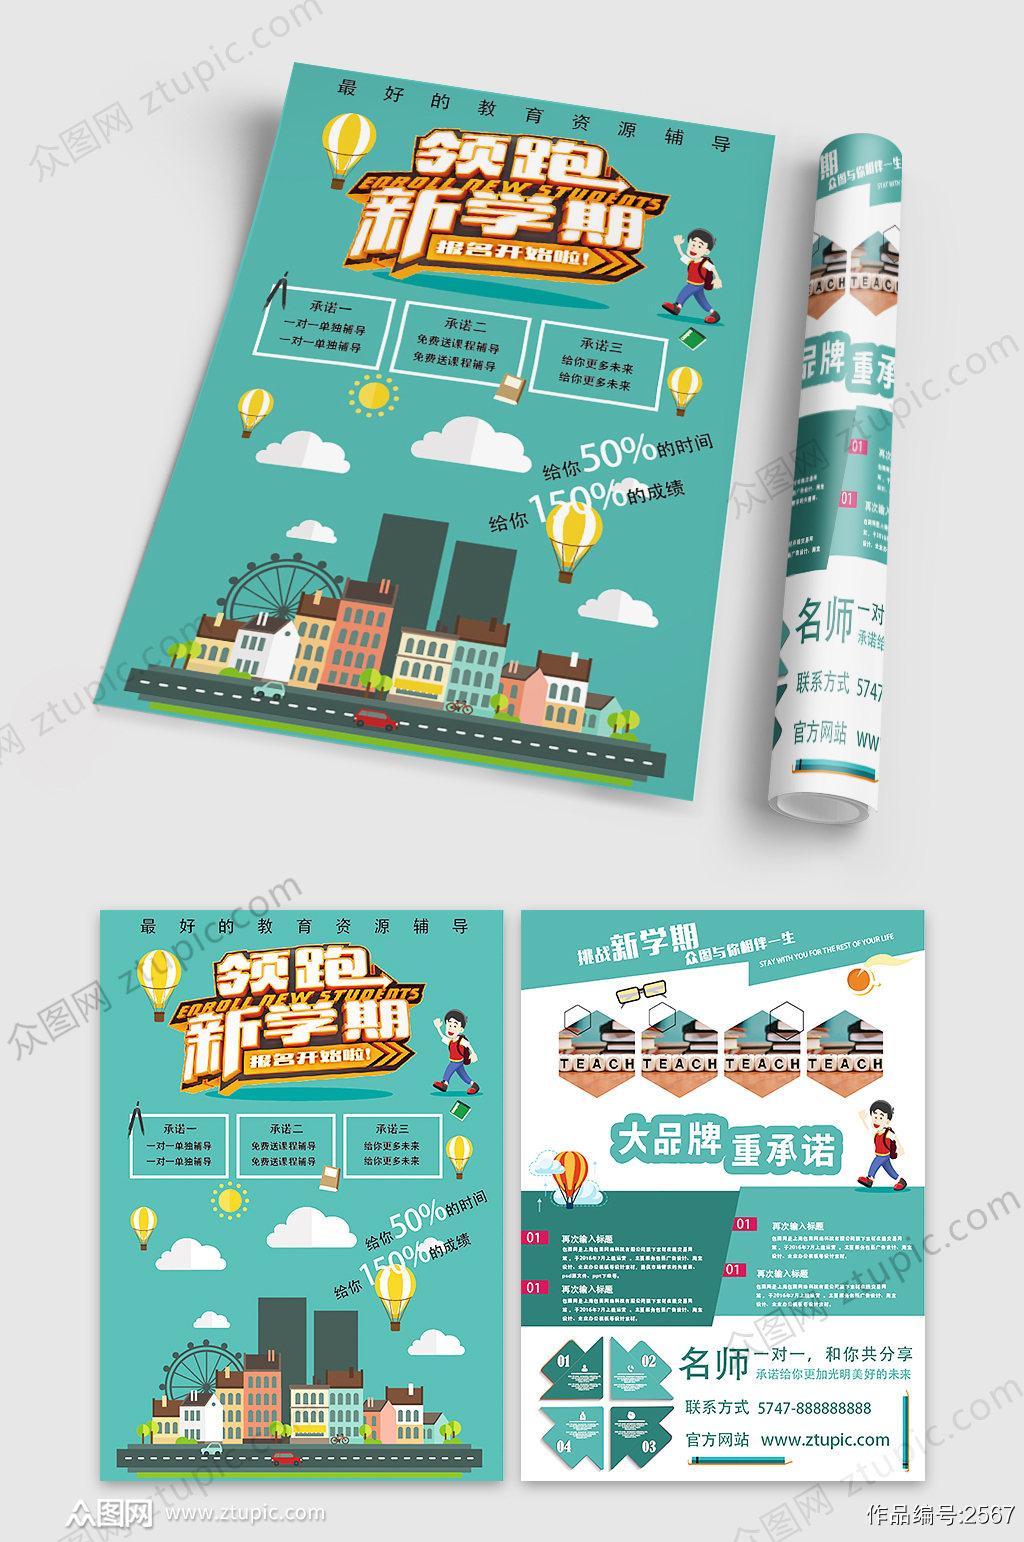 儿童新学期培训班海报设计素材